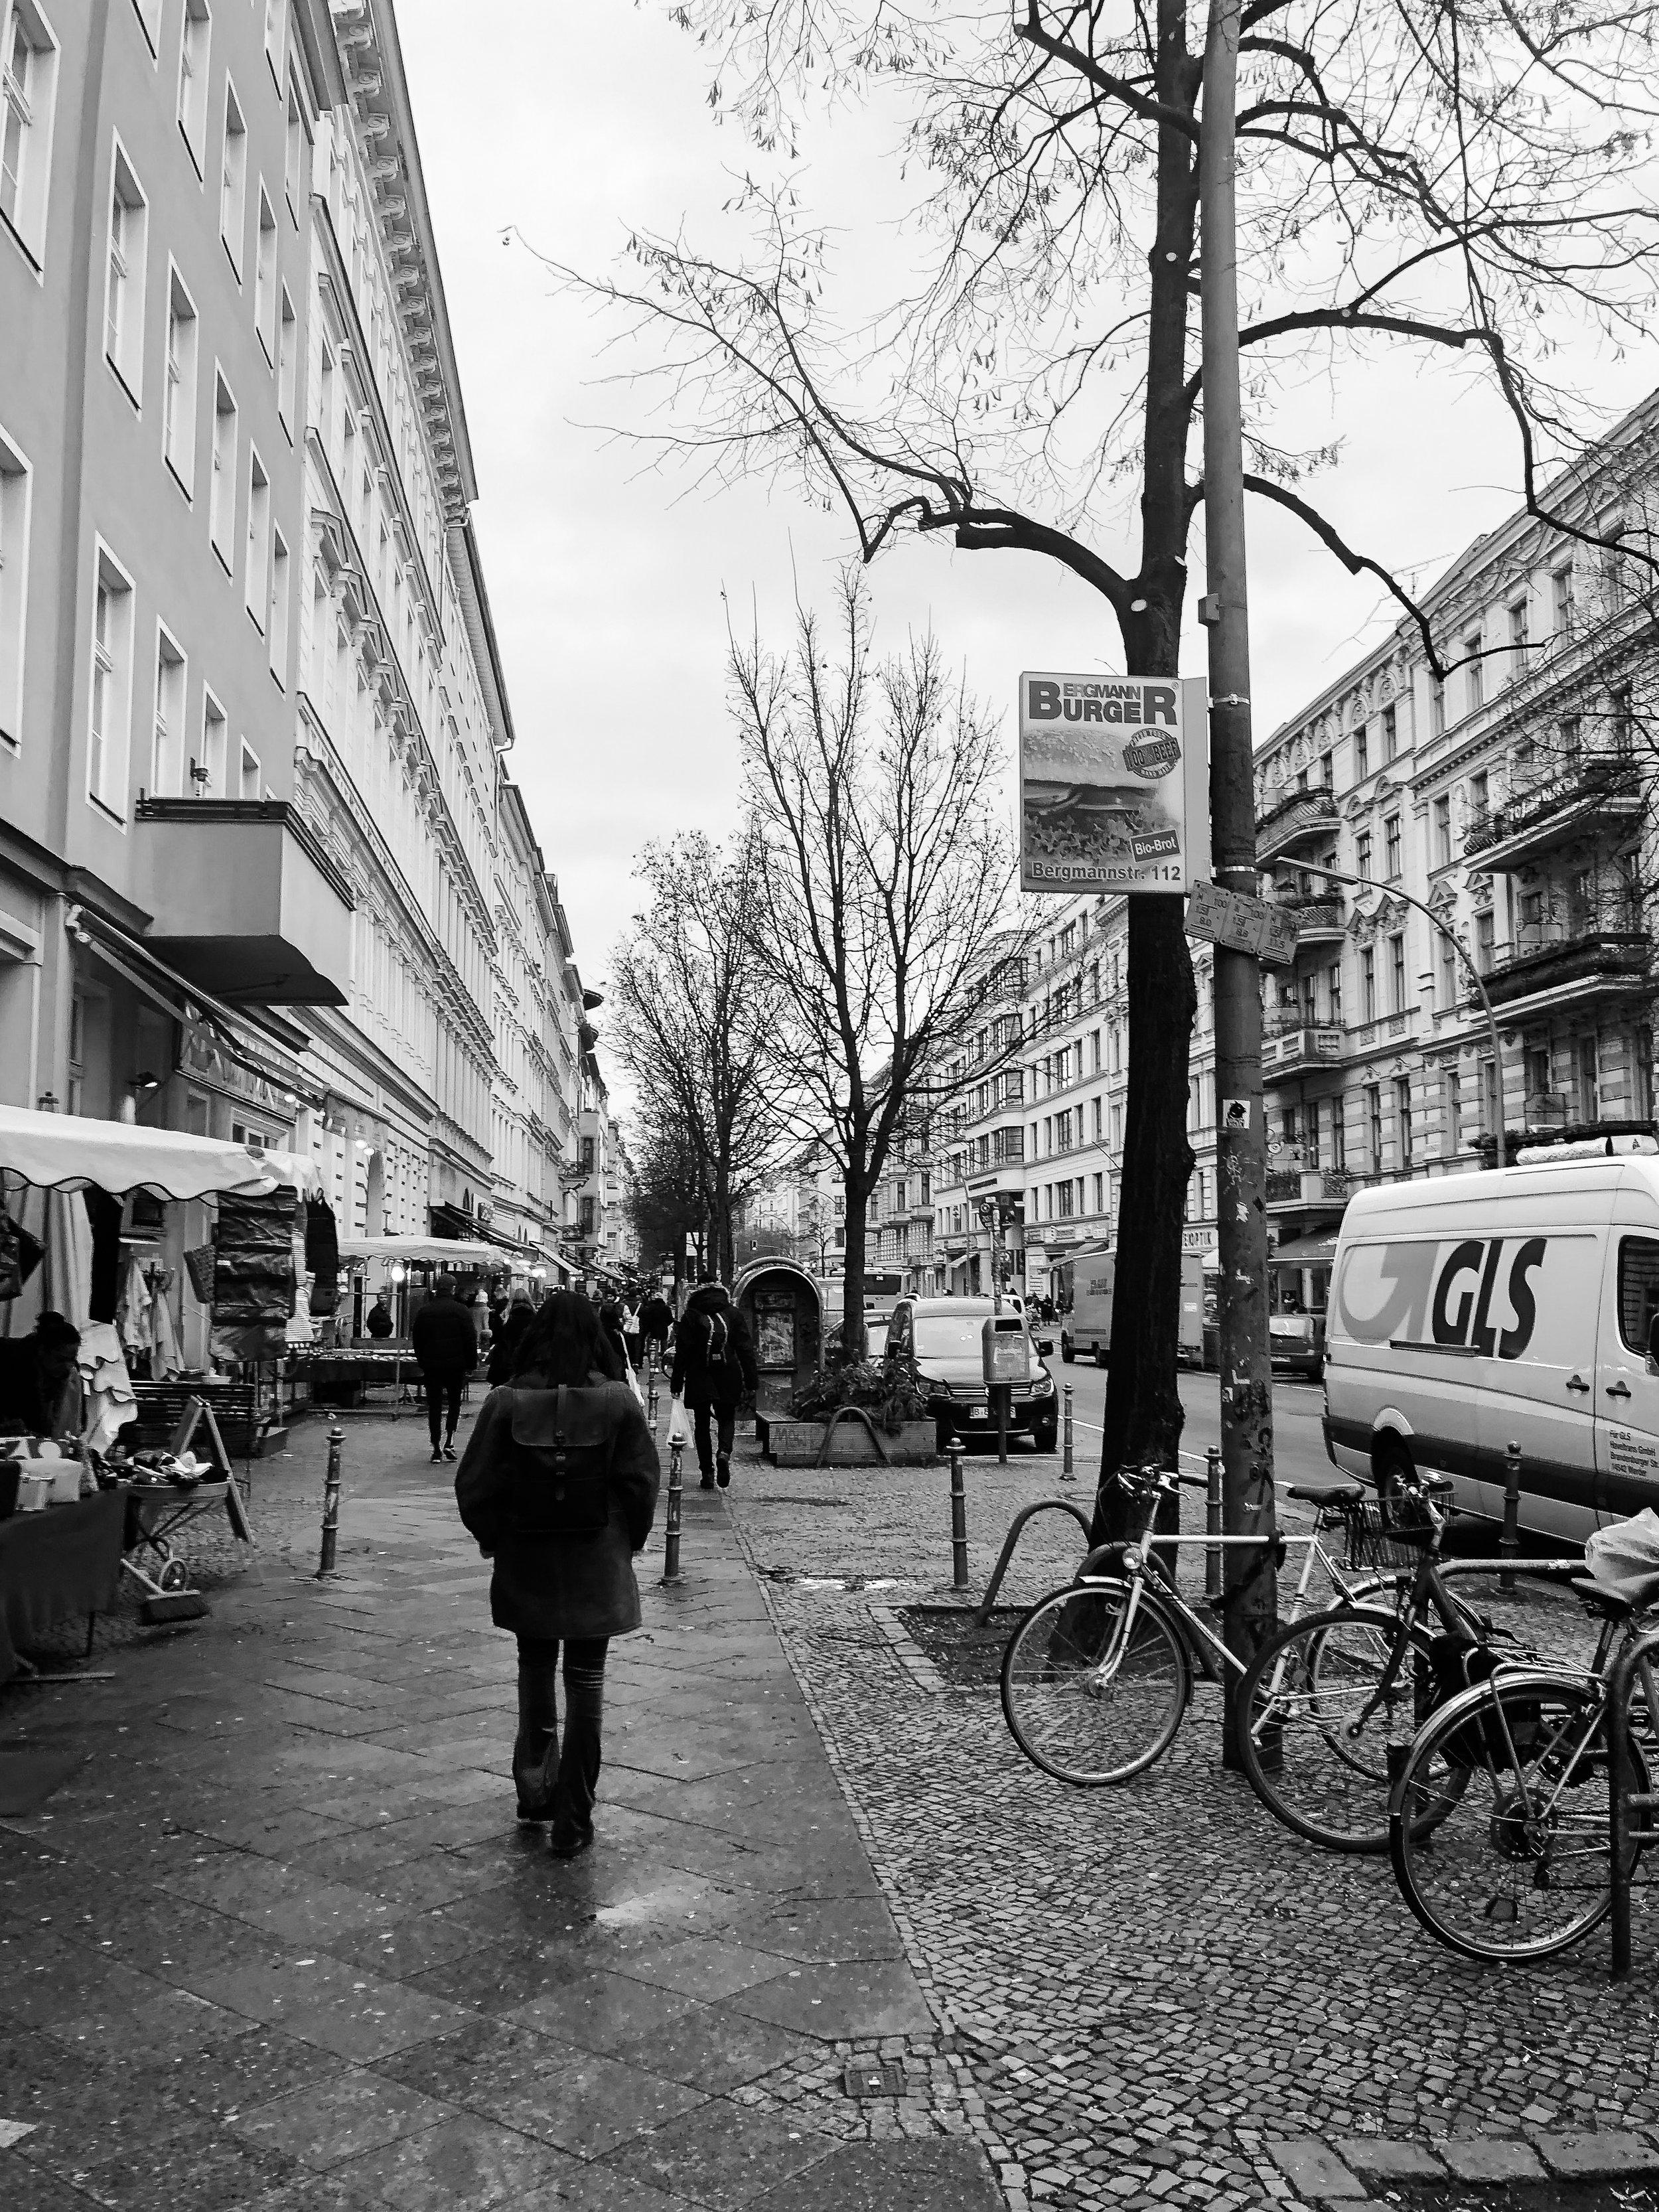 20190214-one_month_in_berlin-3.jpg